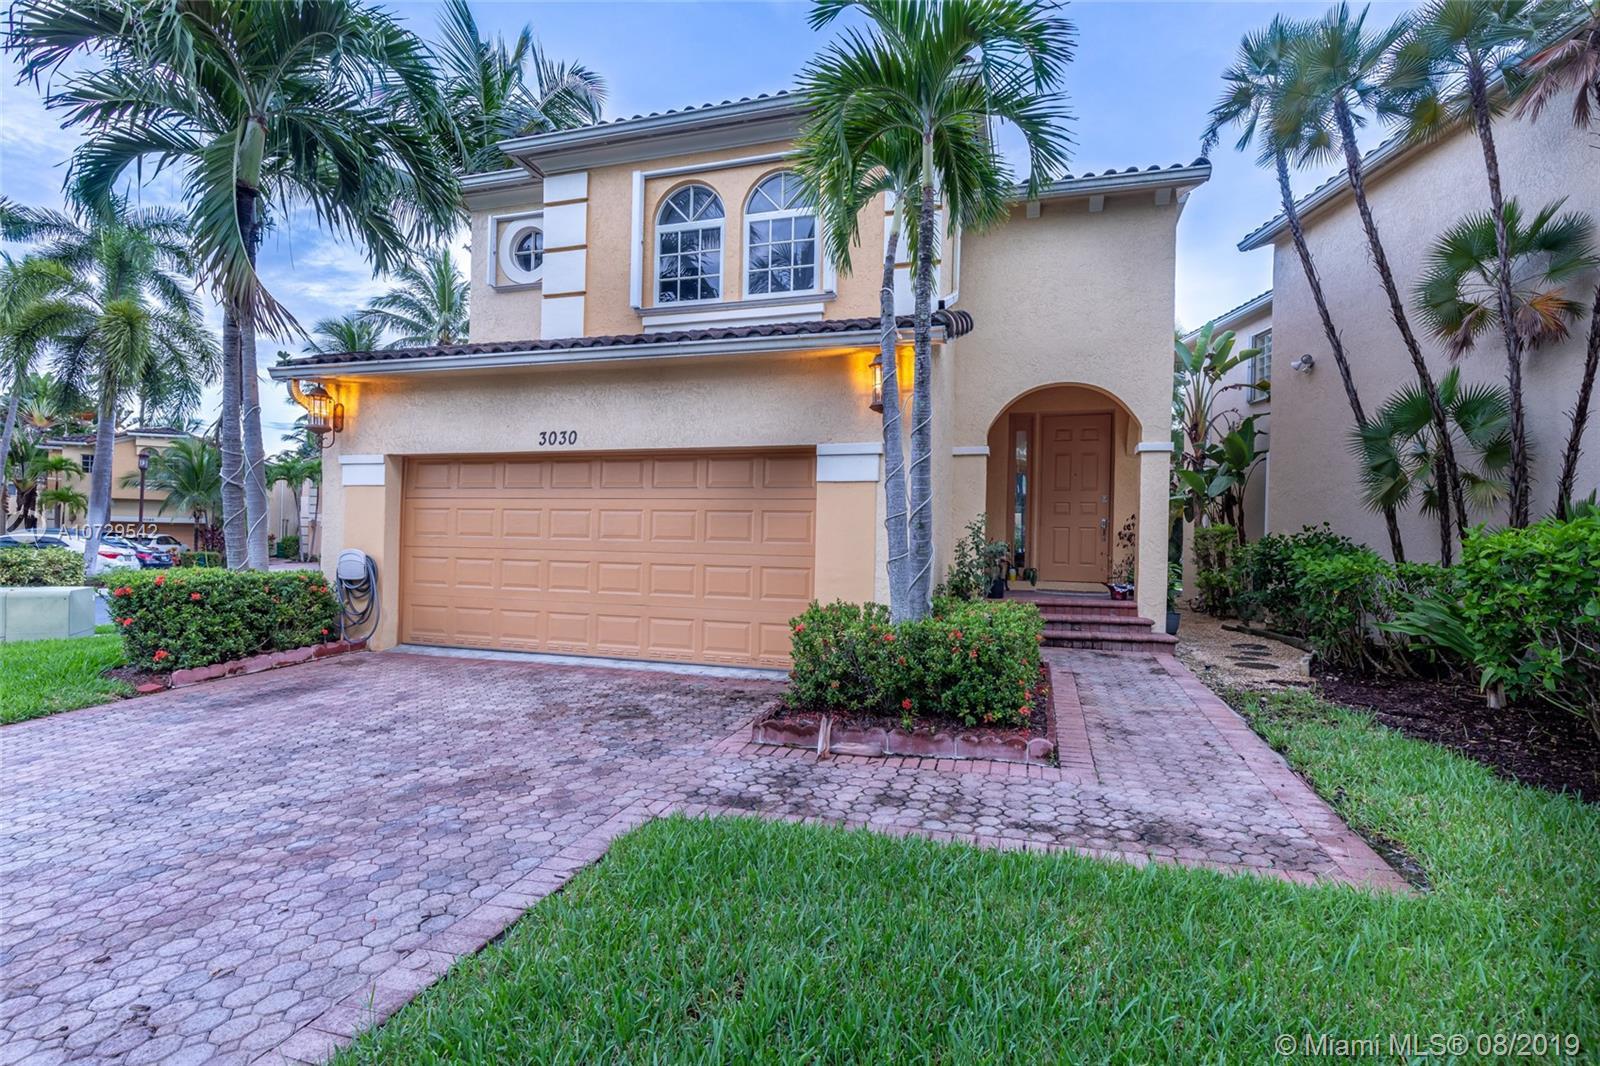 3030 NE 208th St, Aventura, FL 33180 - Aventura, FL real estate listing